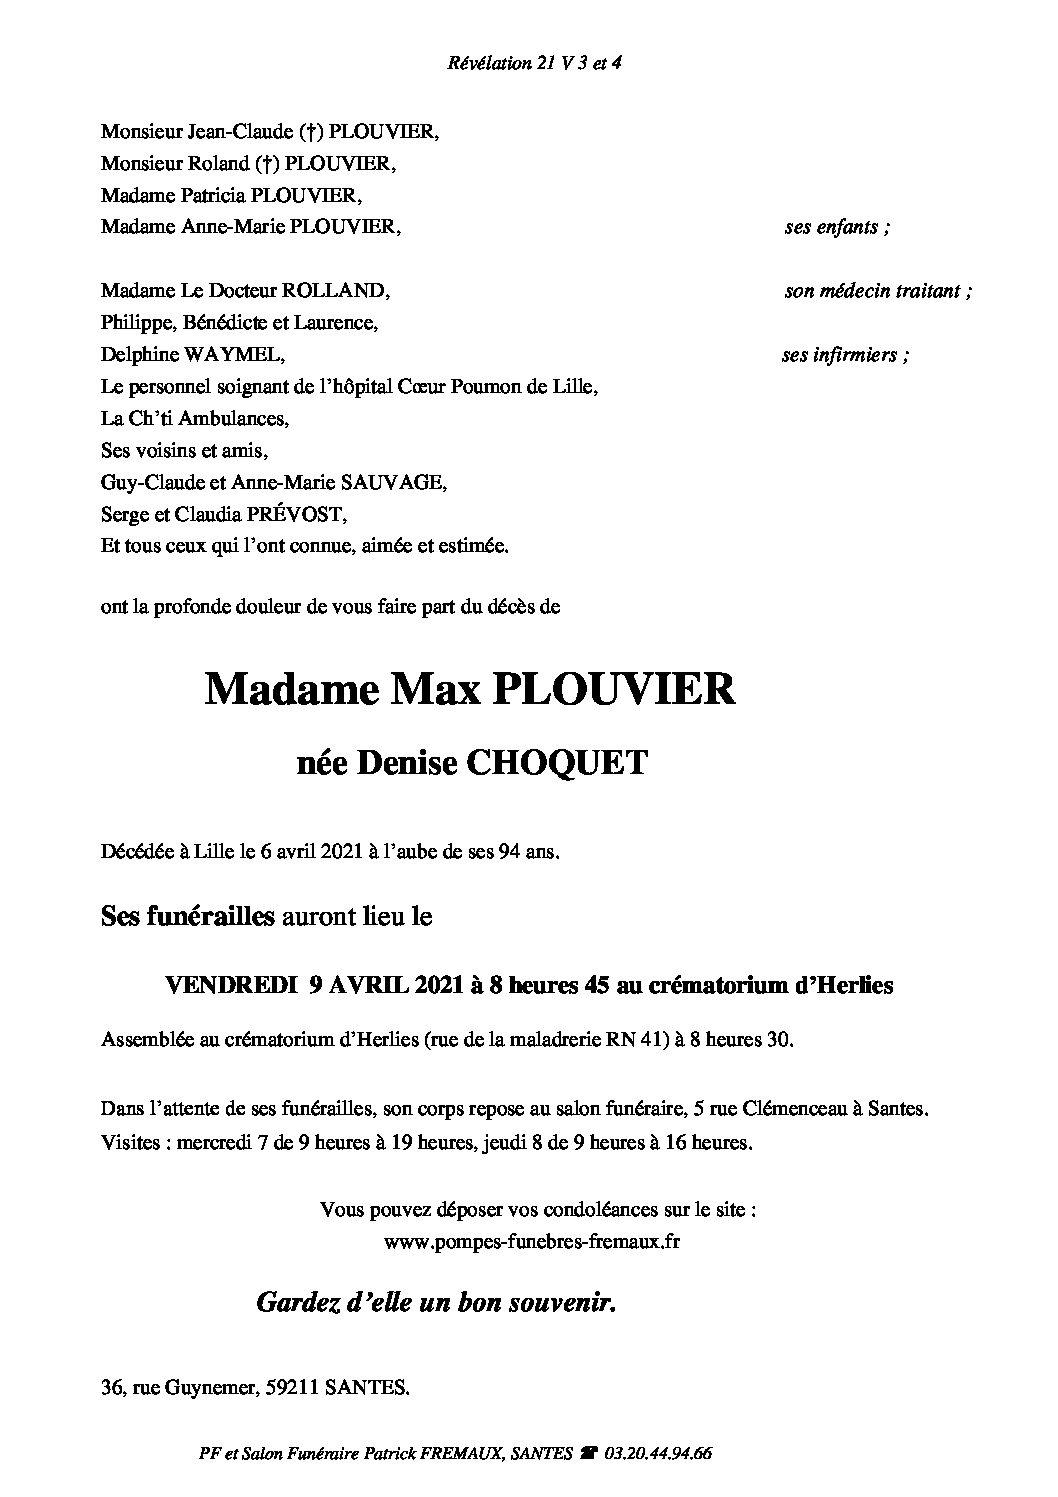 Madame veuve Max PLOUVIER née Denise CHOQUET